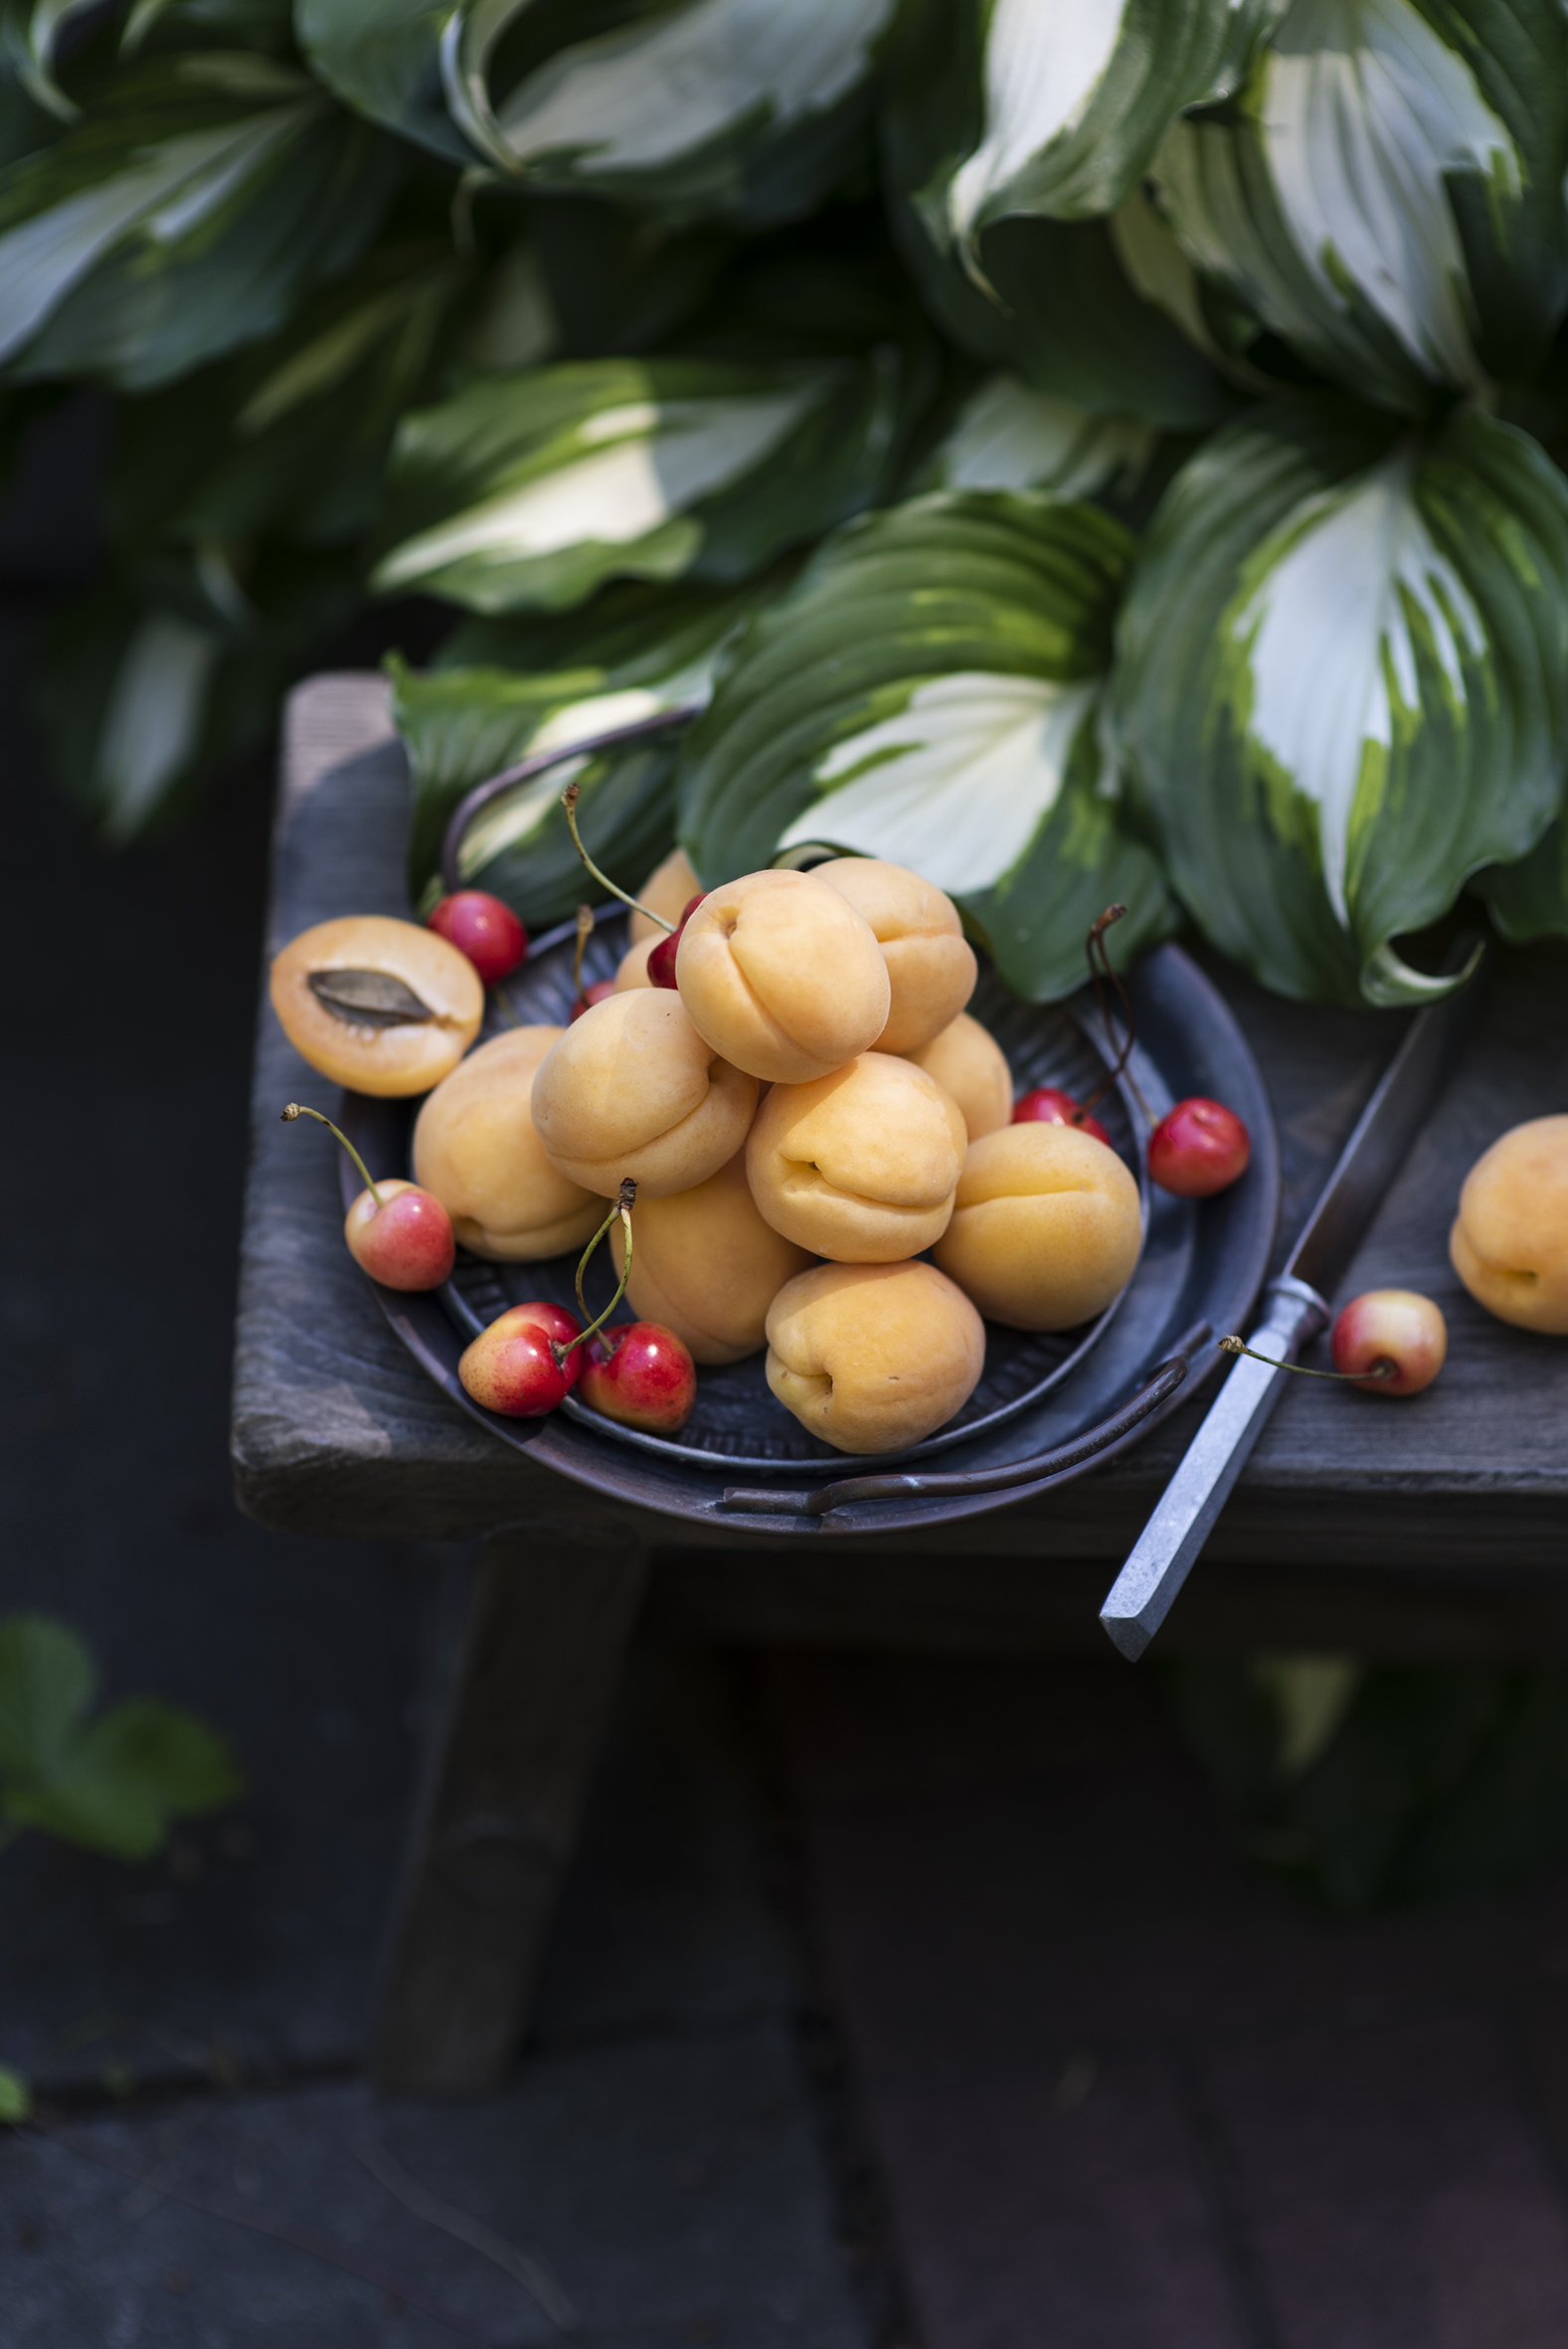 Картинка Листья Абрикос Черешня Пища  для мобильного телефона лист Листва Вишня Еда Продукты питания